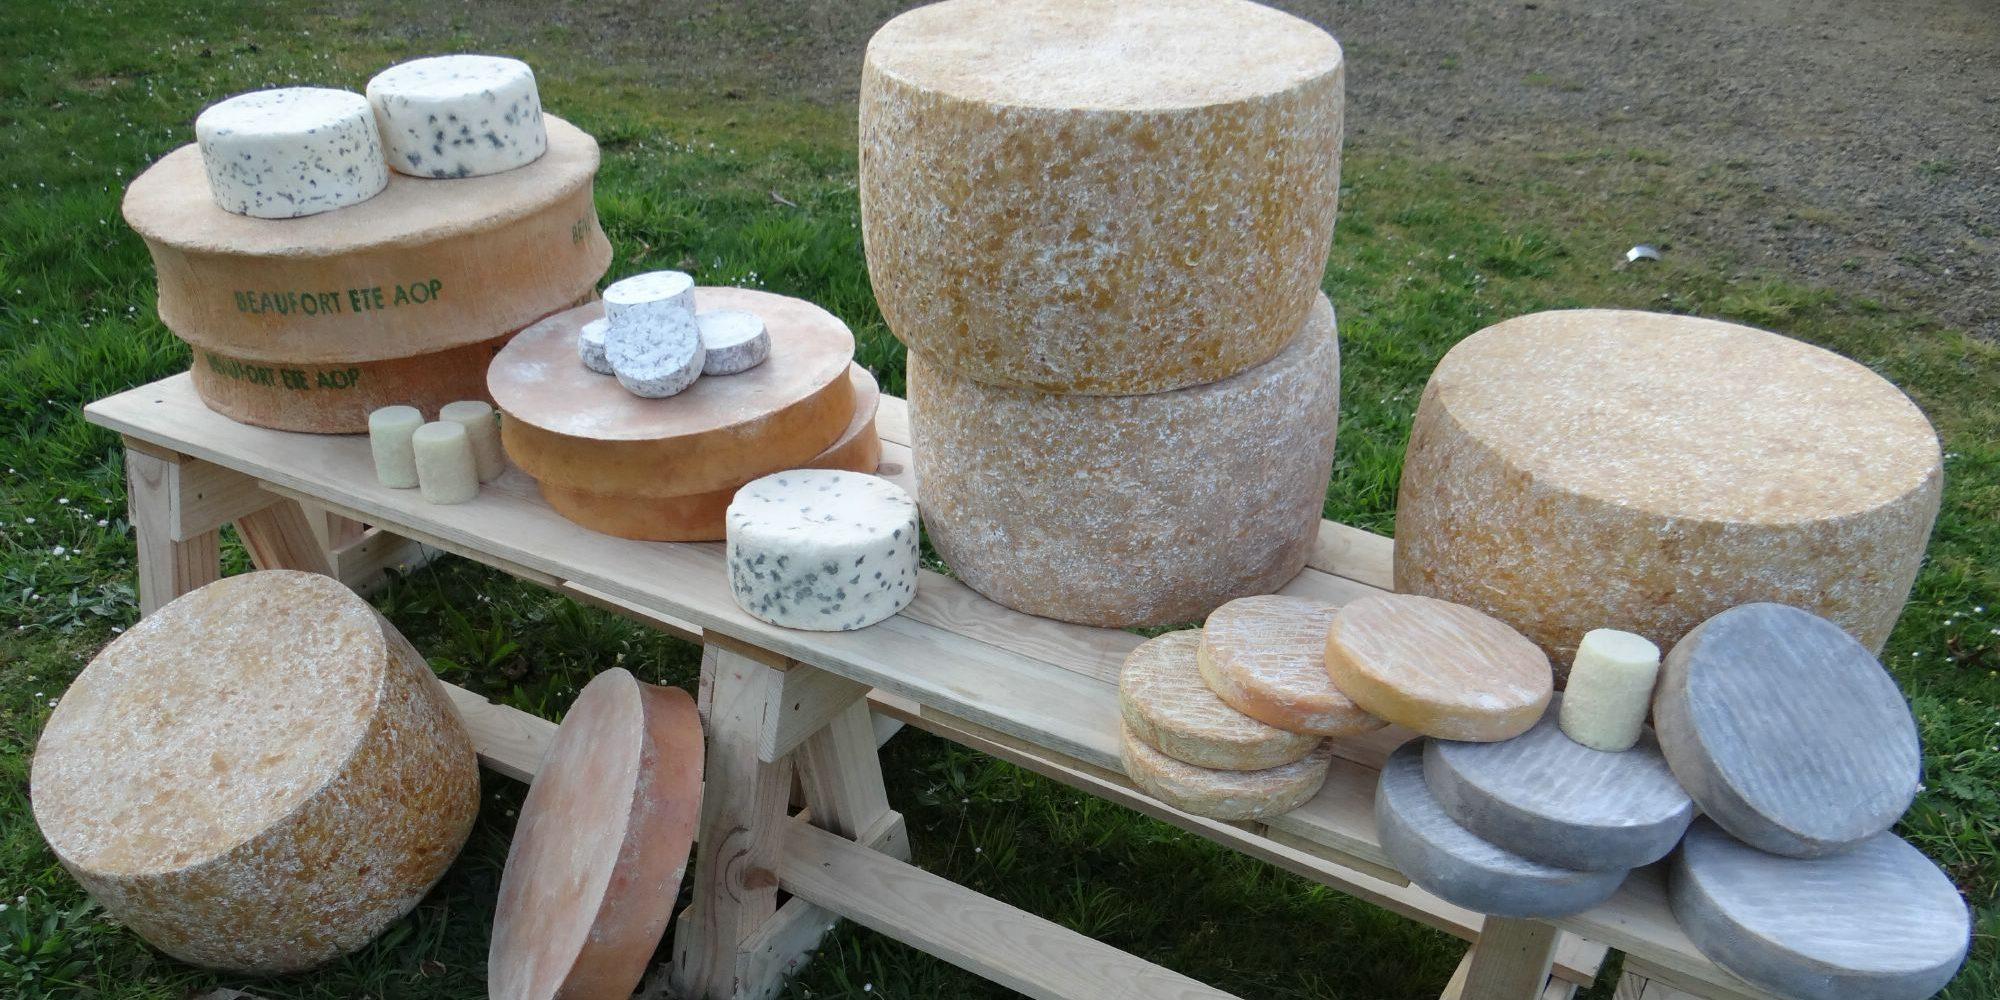 une partie de la gamme des fromages français en version factice pour le Pavillon de la France à l'exposition universelle de Milan